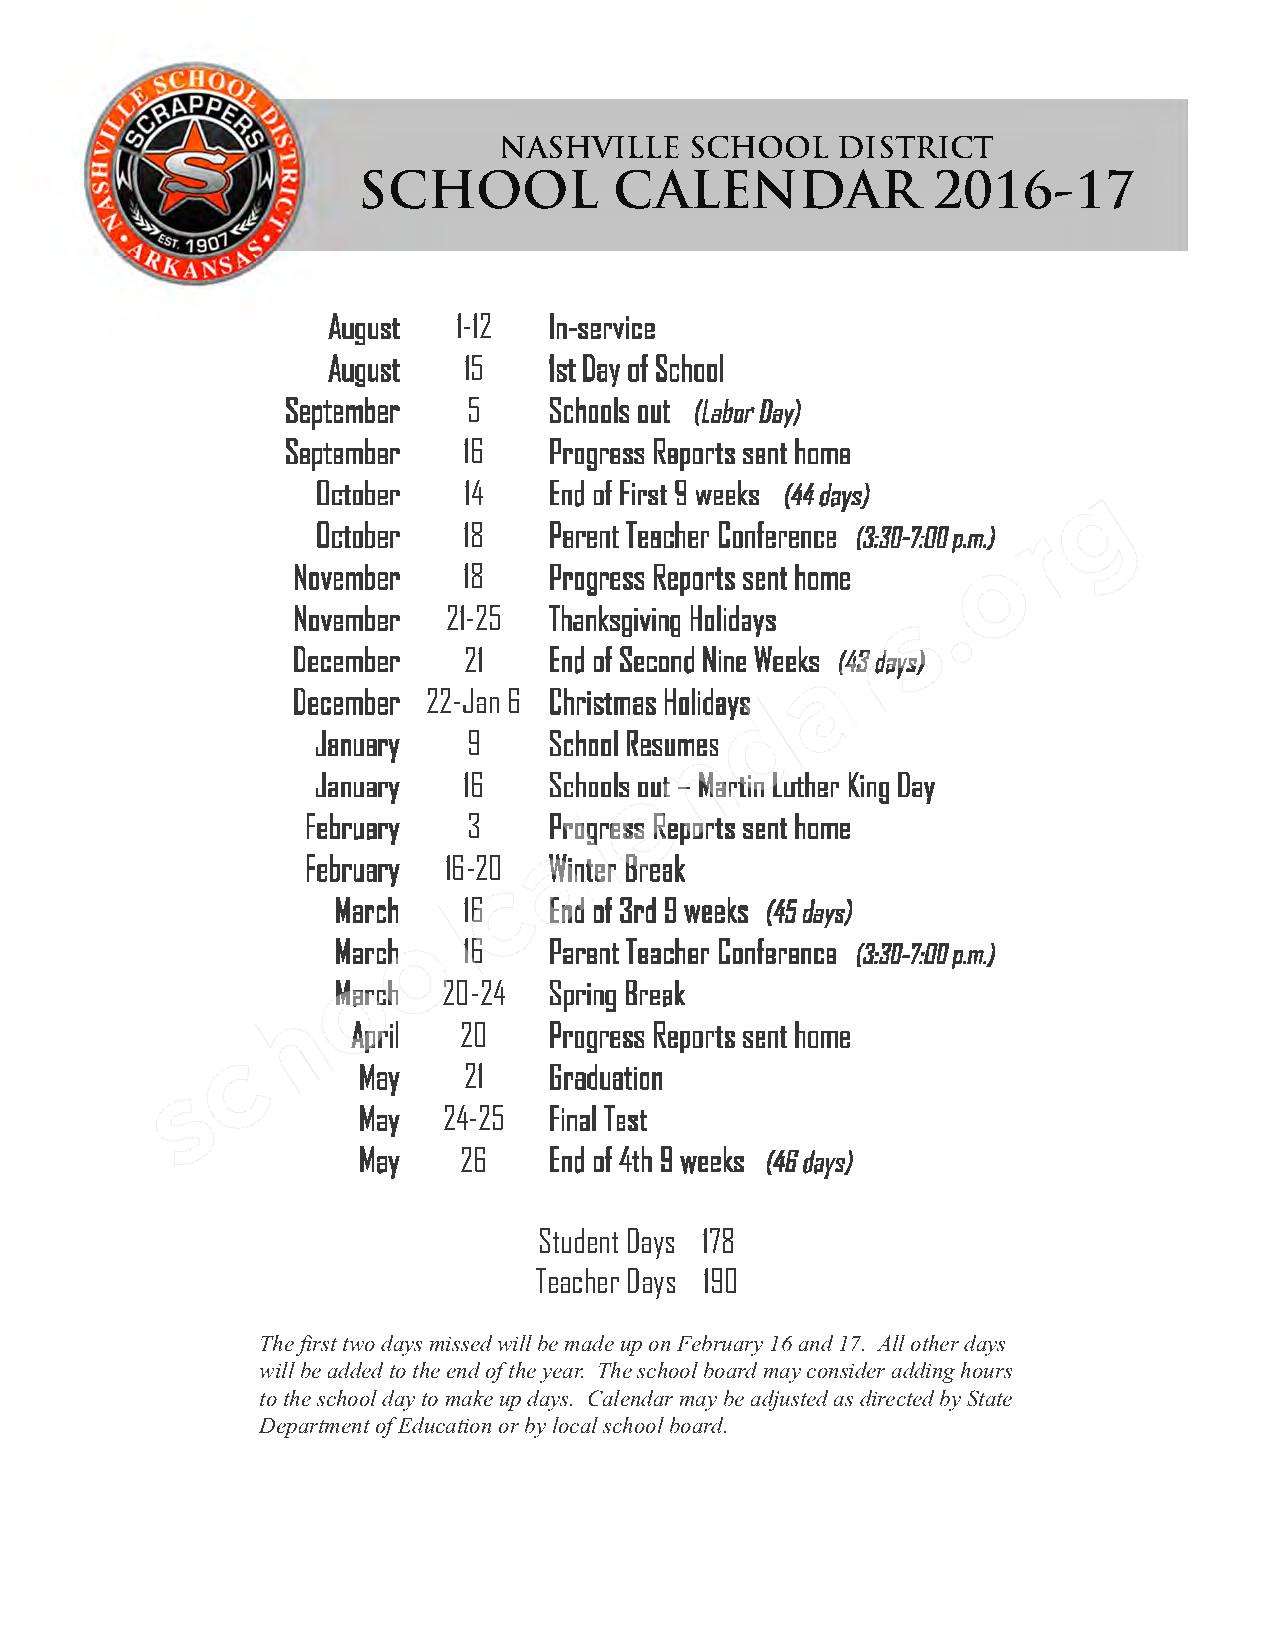 2016 - 2017 School Calendar – Nashville Public Schools – page 1